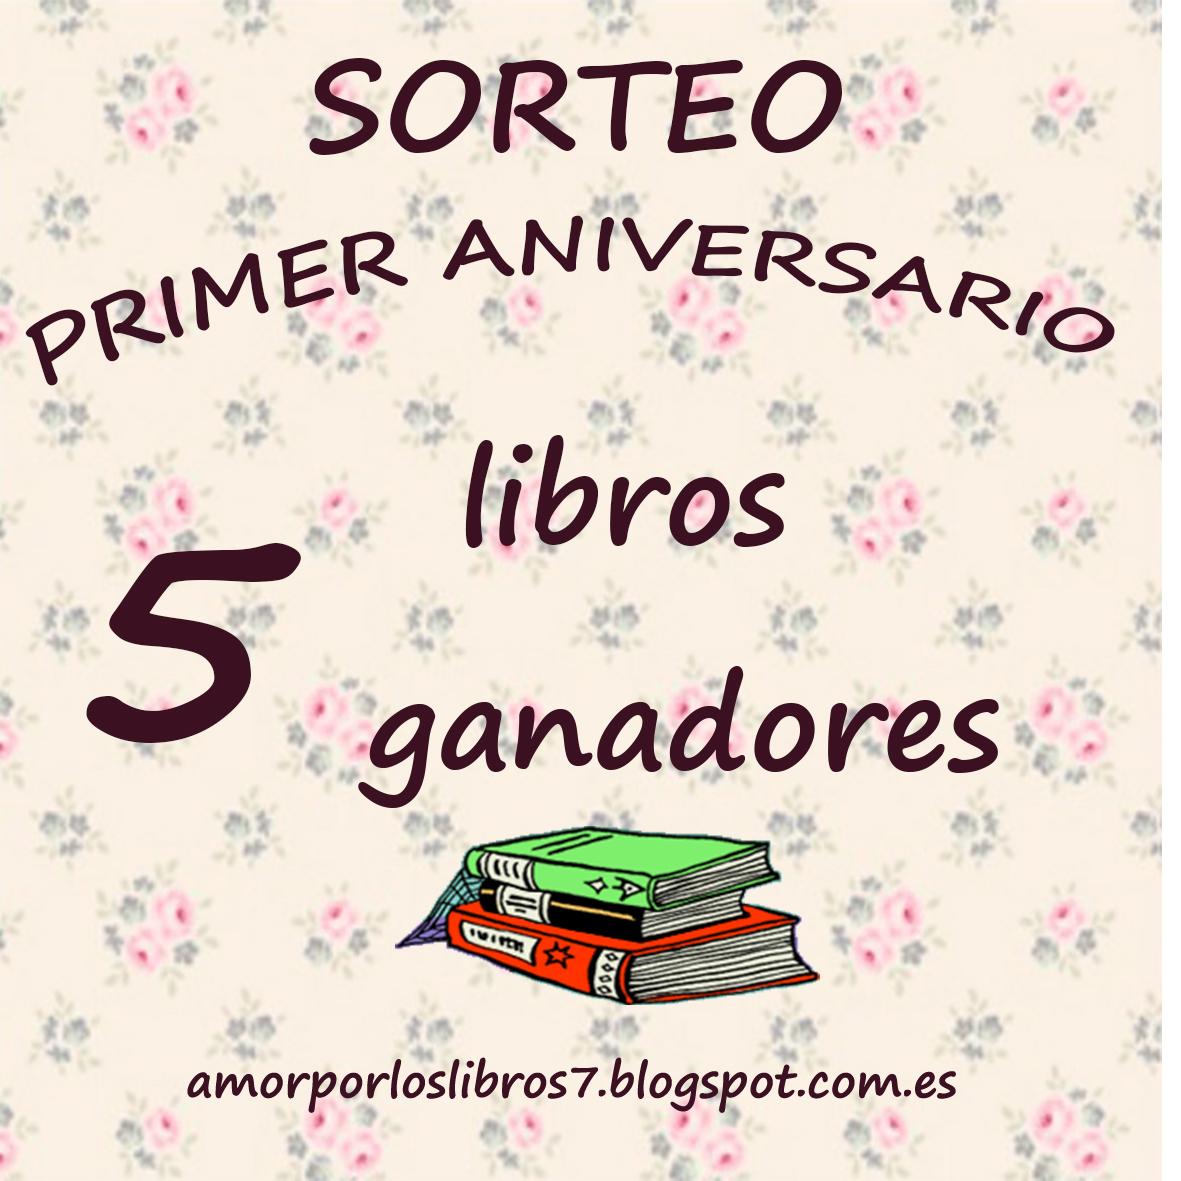 ❤ SORTEO PRIMER ANIVERSARIO ϟ ¡5 GANADORES! ❤